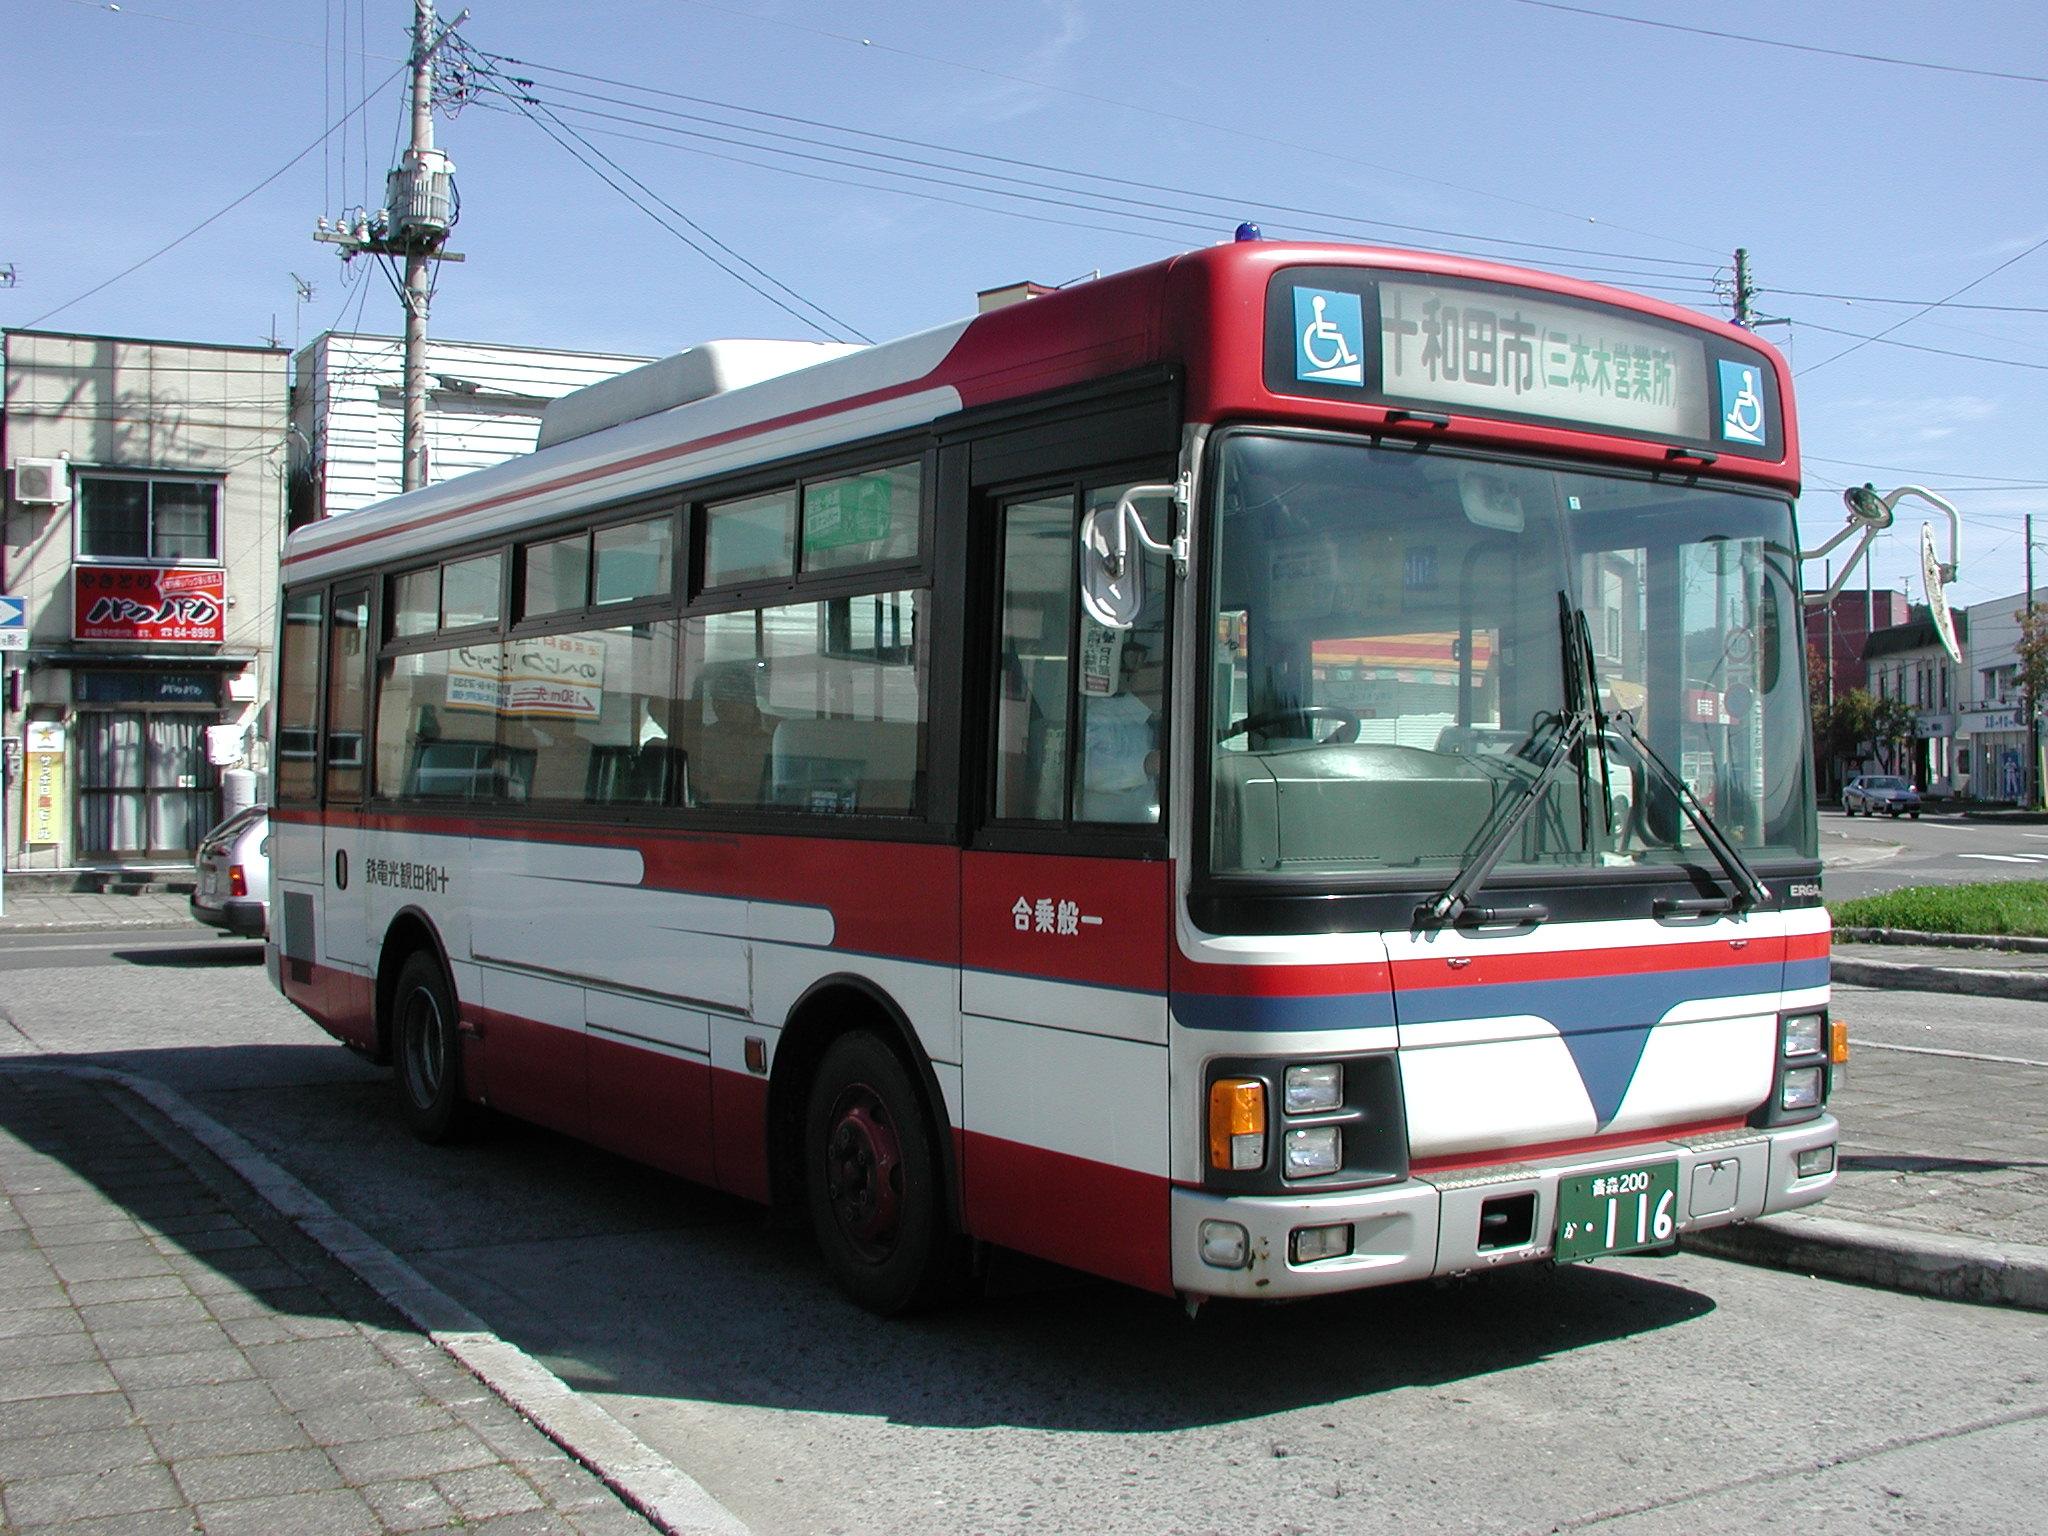 バス 国際 忘れ物 興業